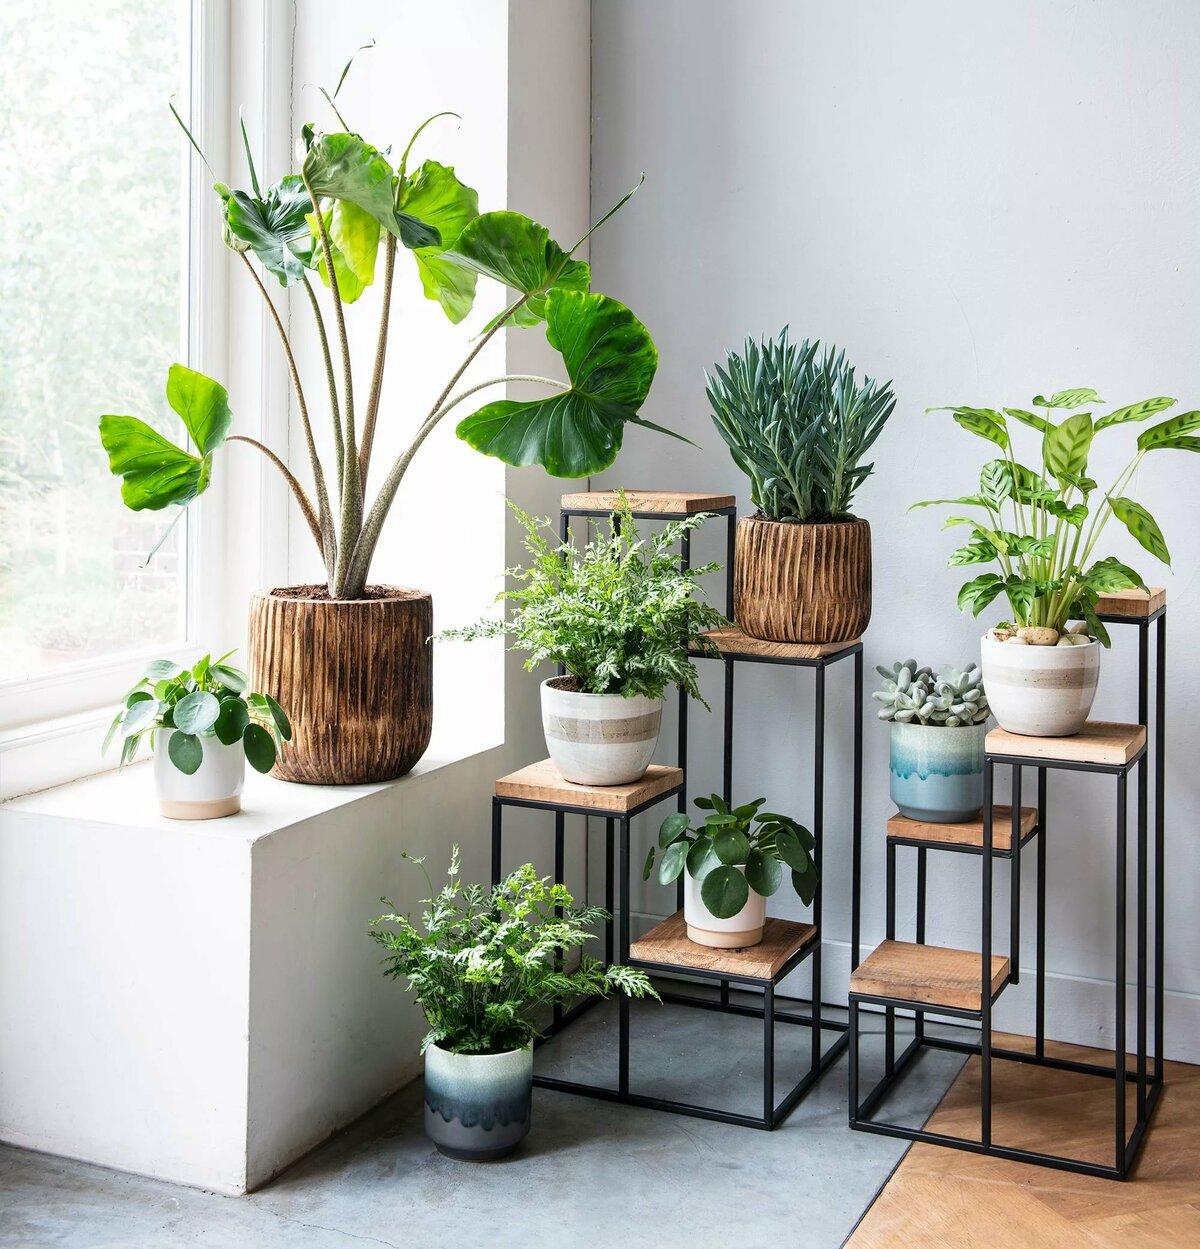 как расставить красиво растения дома фото притчу бедняке, который